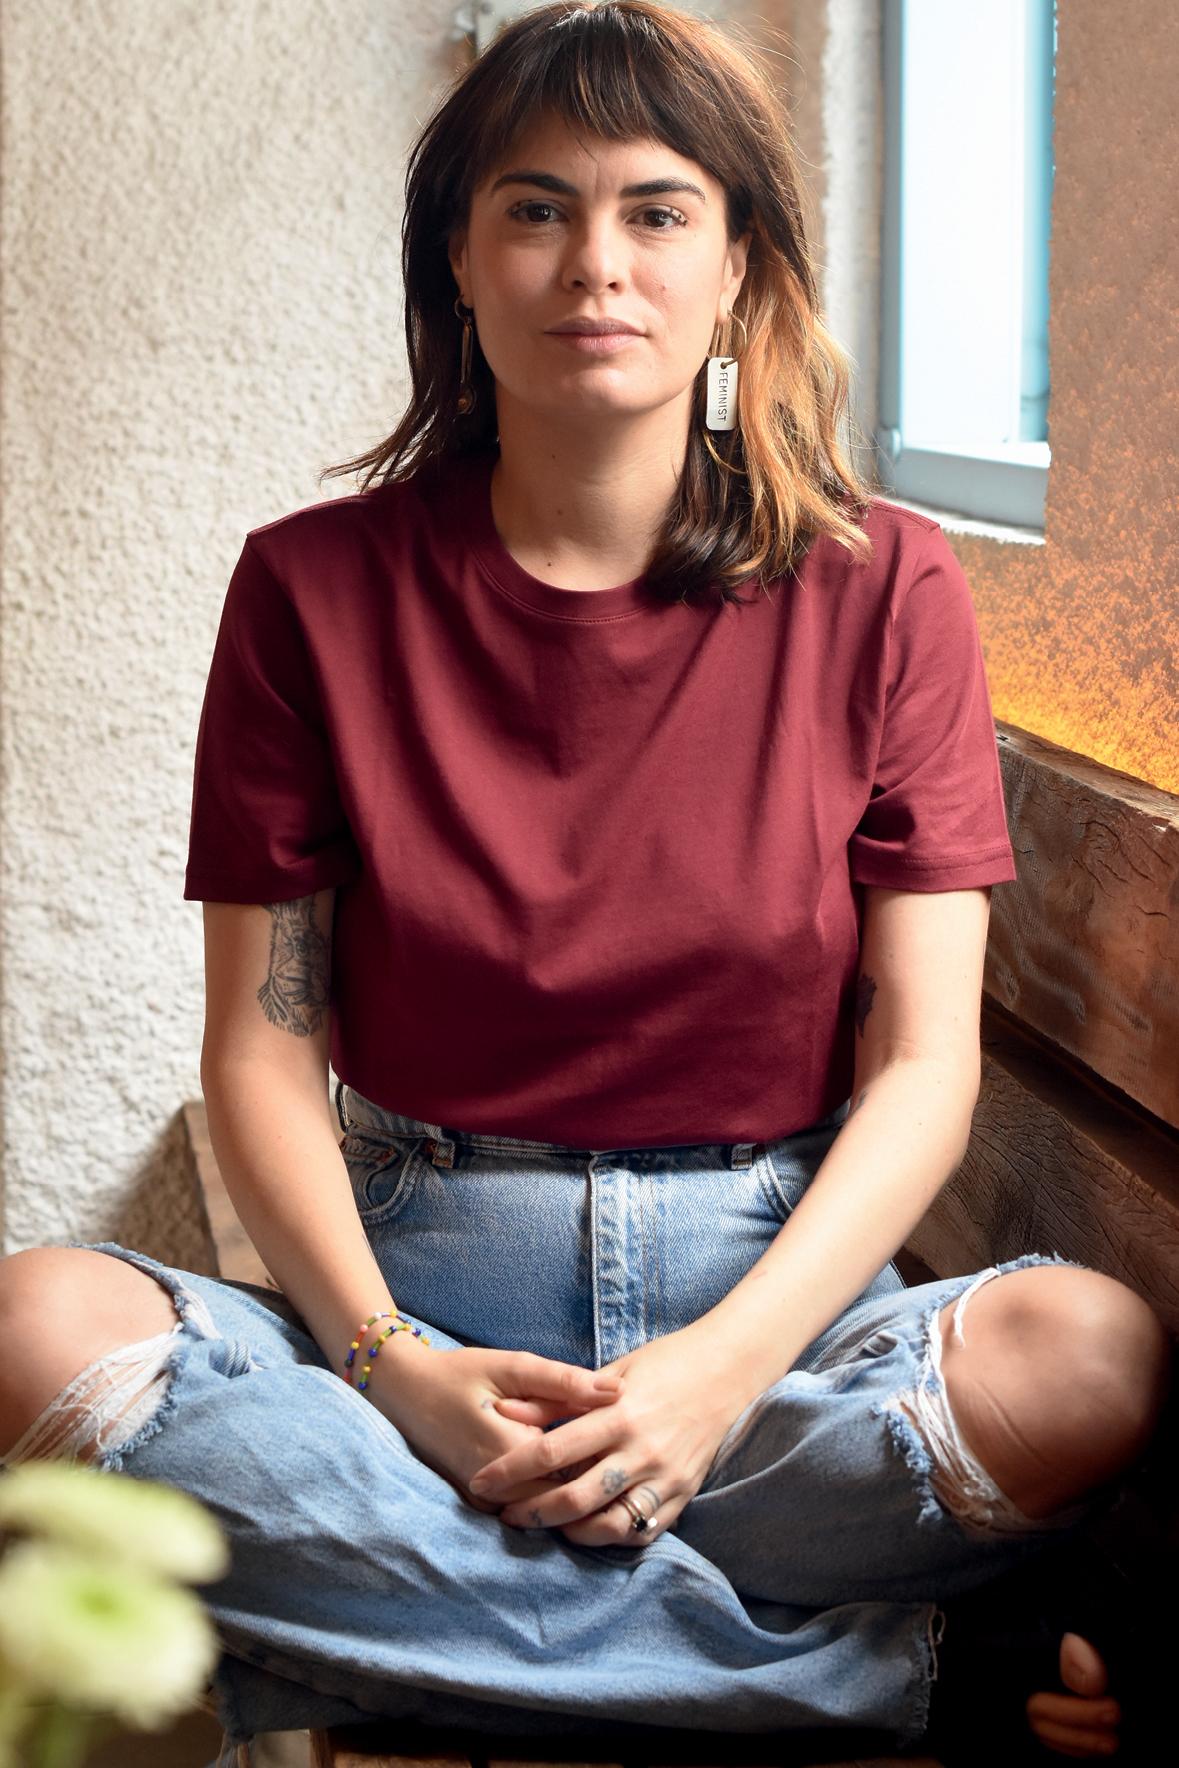 Cafira é uma mulher de pele branca e cabelos castanho avermelhados na altura dos ombros. Ela usa uma calça jeans, camiseta vermelha e brincos grandes. Está sentada com as mãos sobre as pernas e olha para a câmera